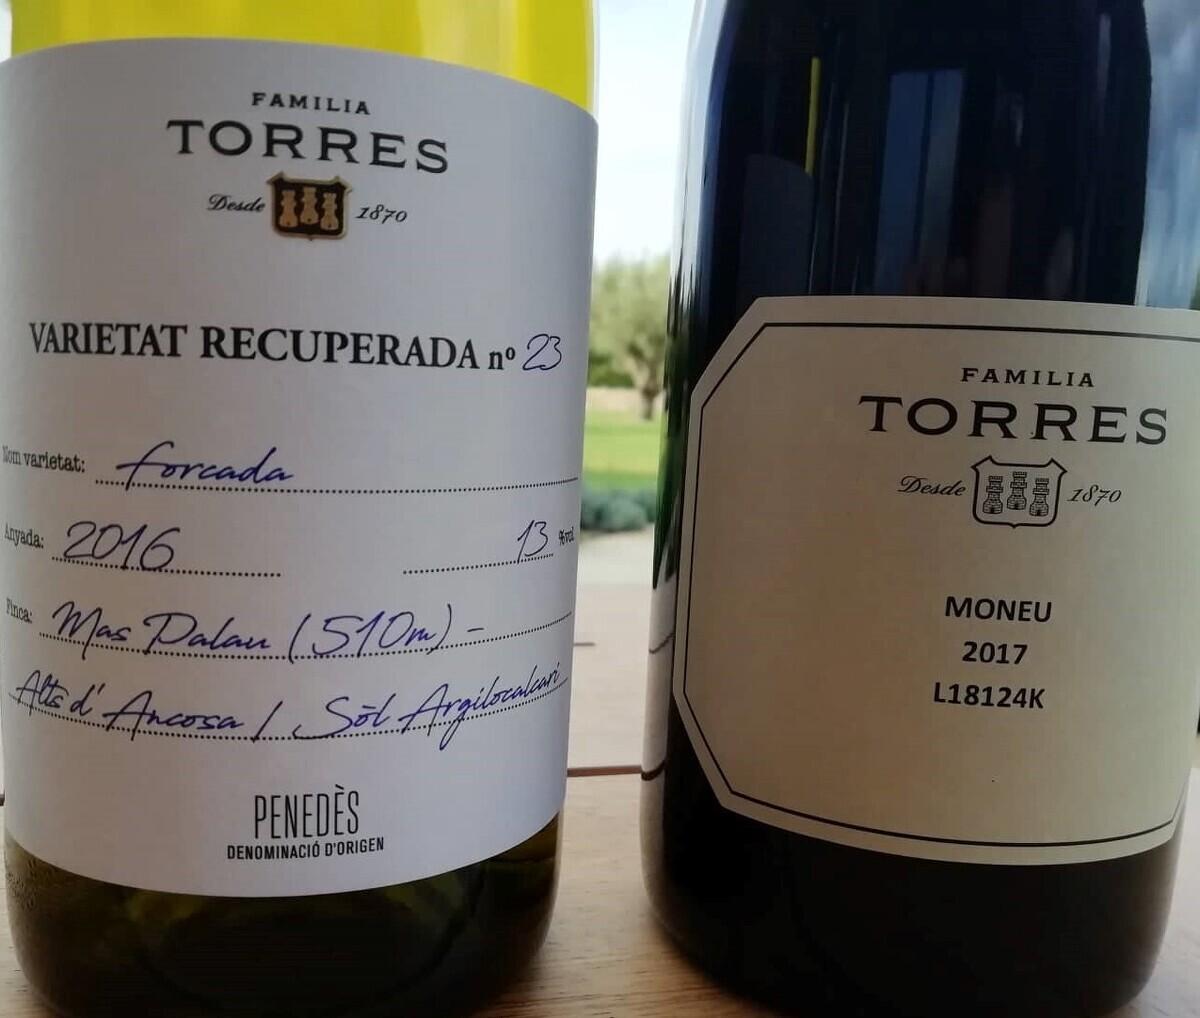 Els vins Forcada i Moneu elaborats amb varietats ancentrals recuperades